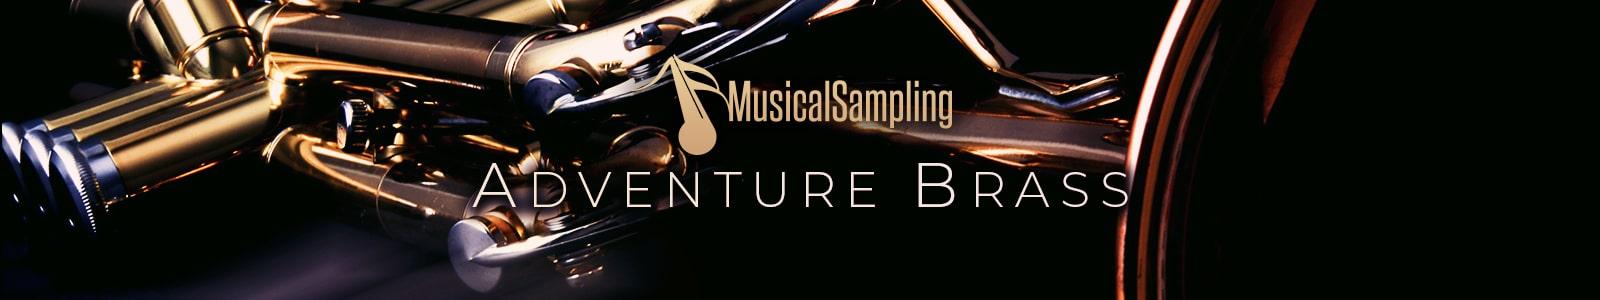 adventure brass by musicsampling